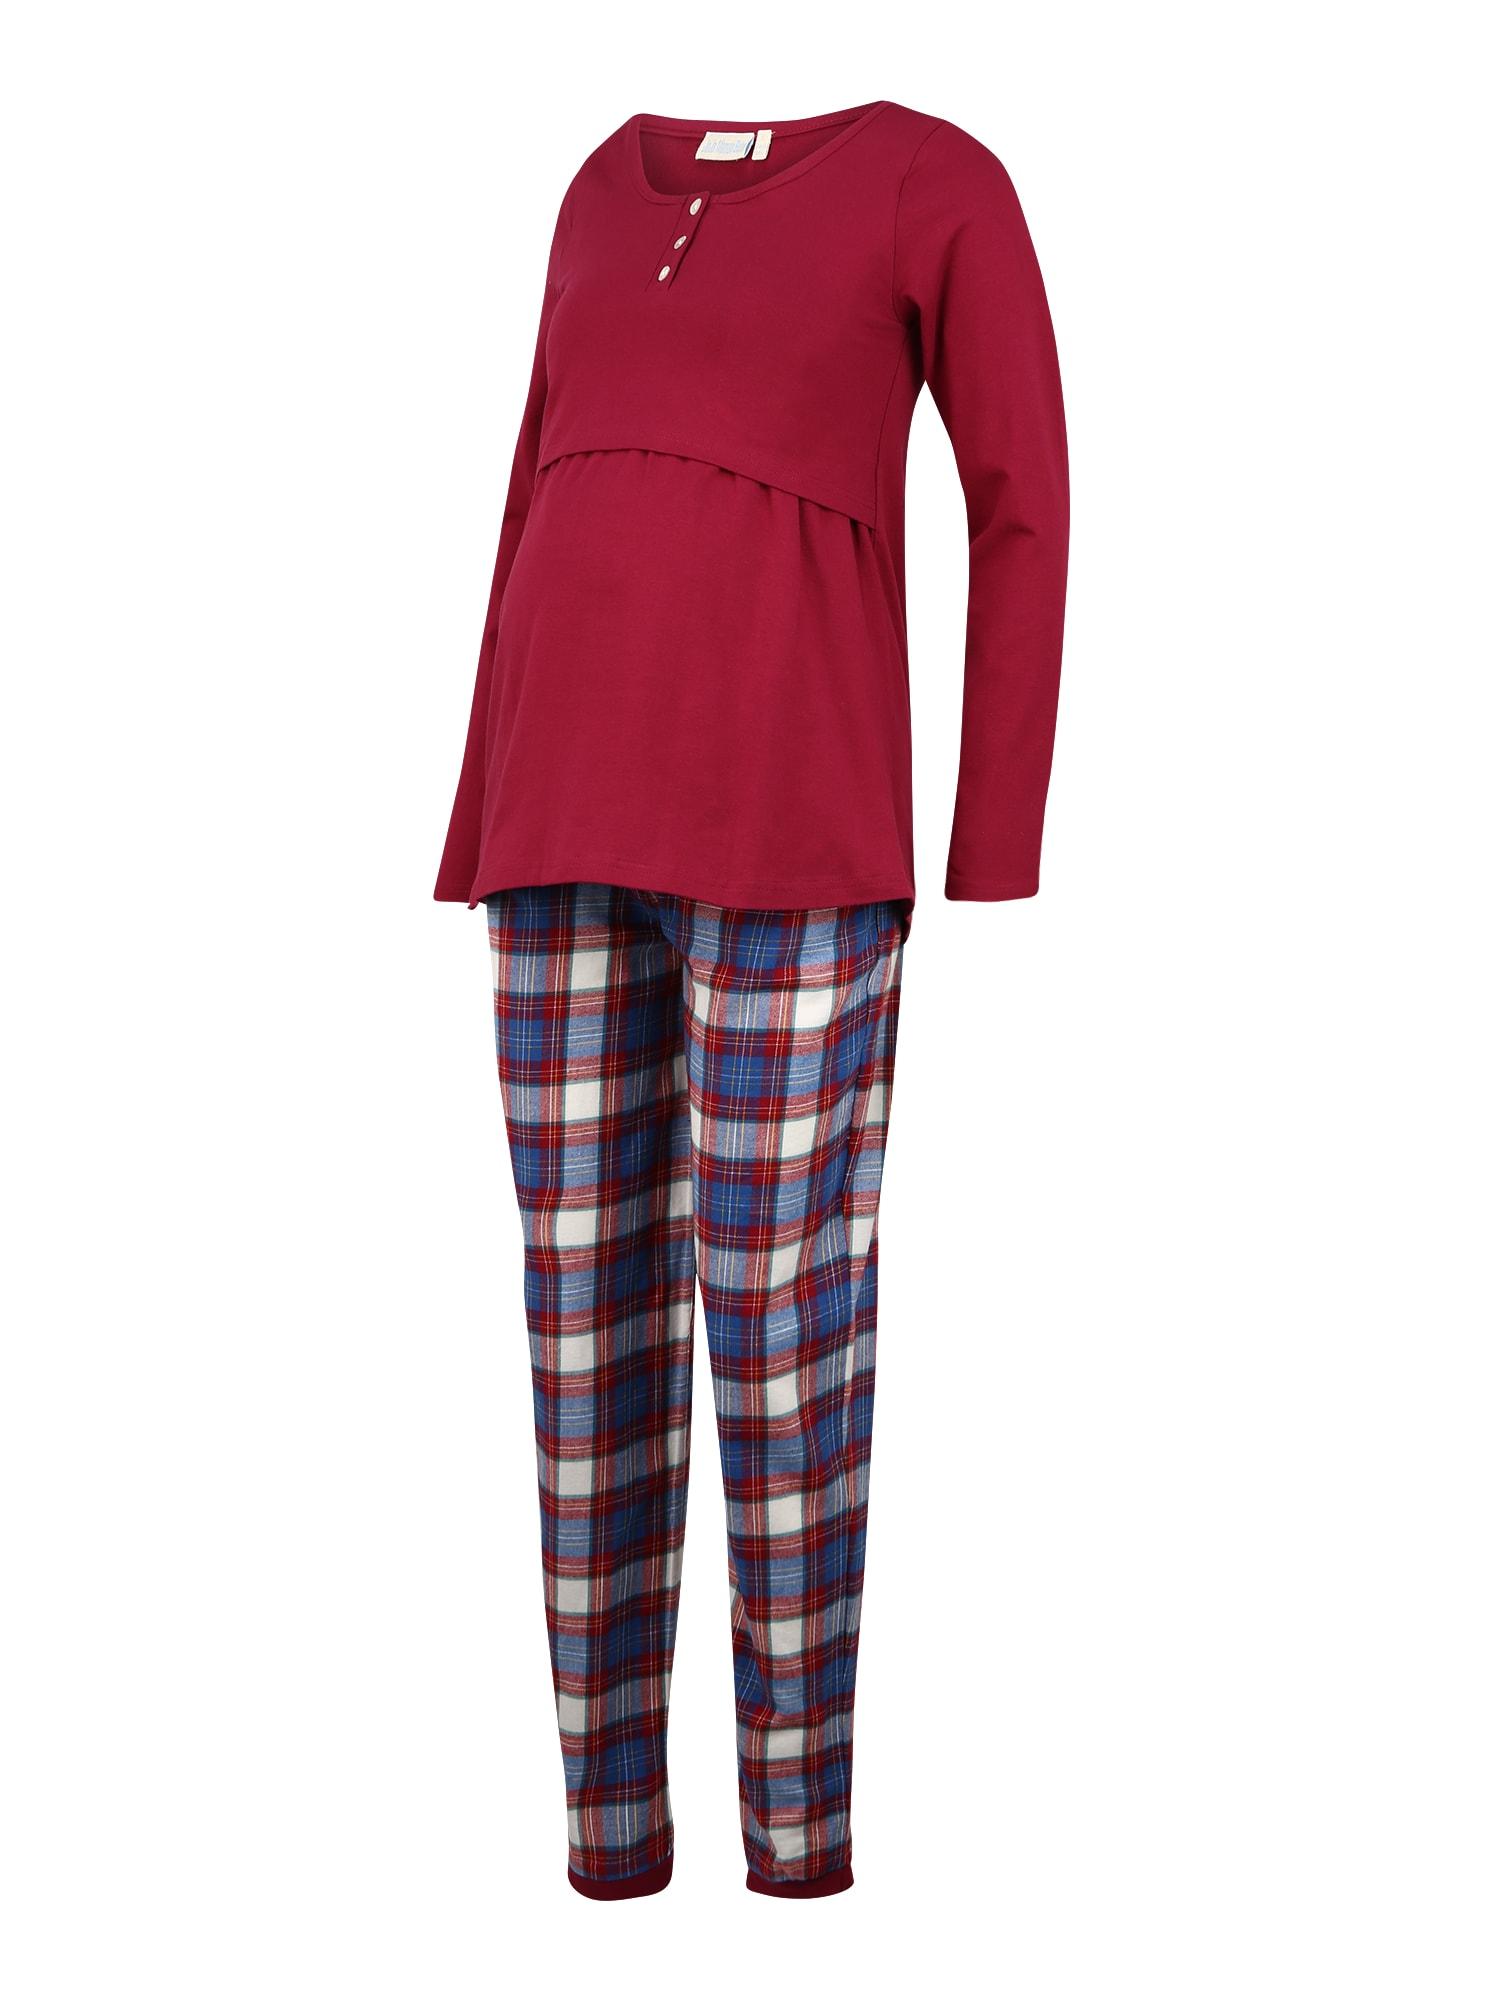 JoJo Maman Bébé Pižama mėlyna / balta / skaisti avietinė ar rubino spalva